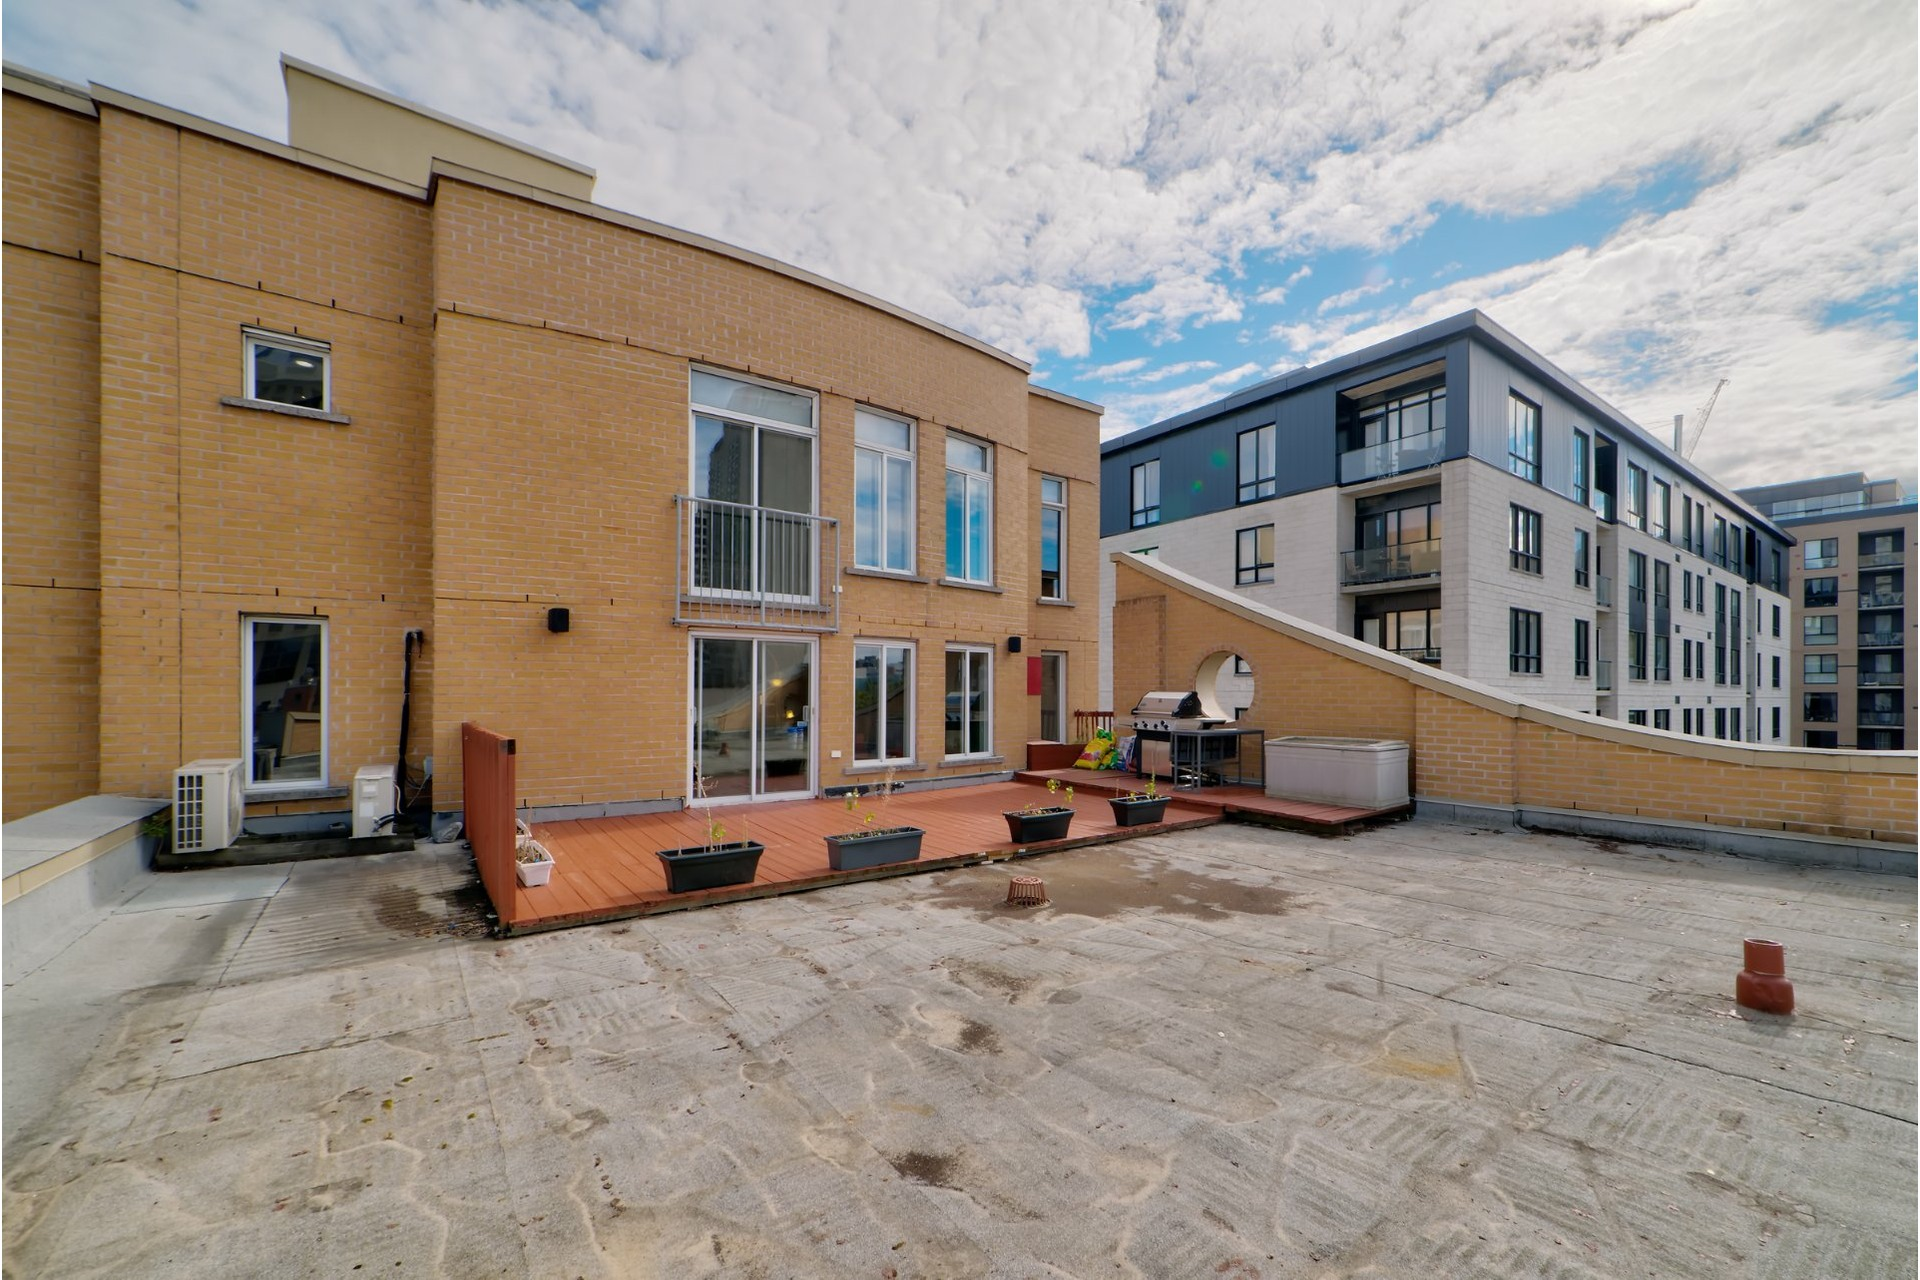 image 22 - Appartement À vendre Ville-Marie Montréal  - 5 pièces